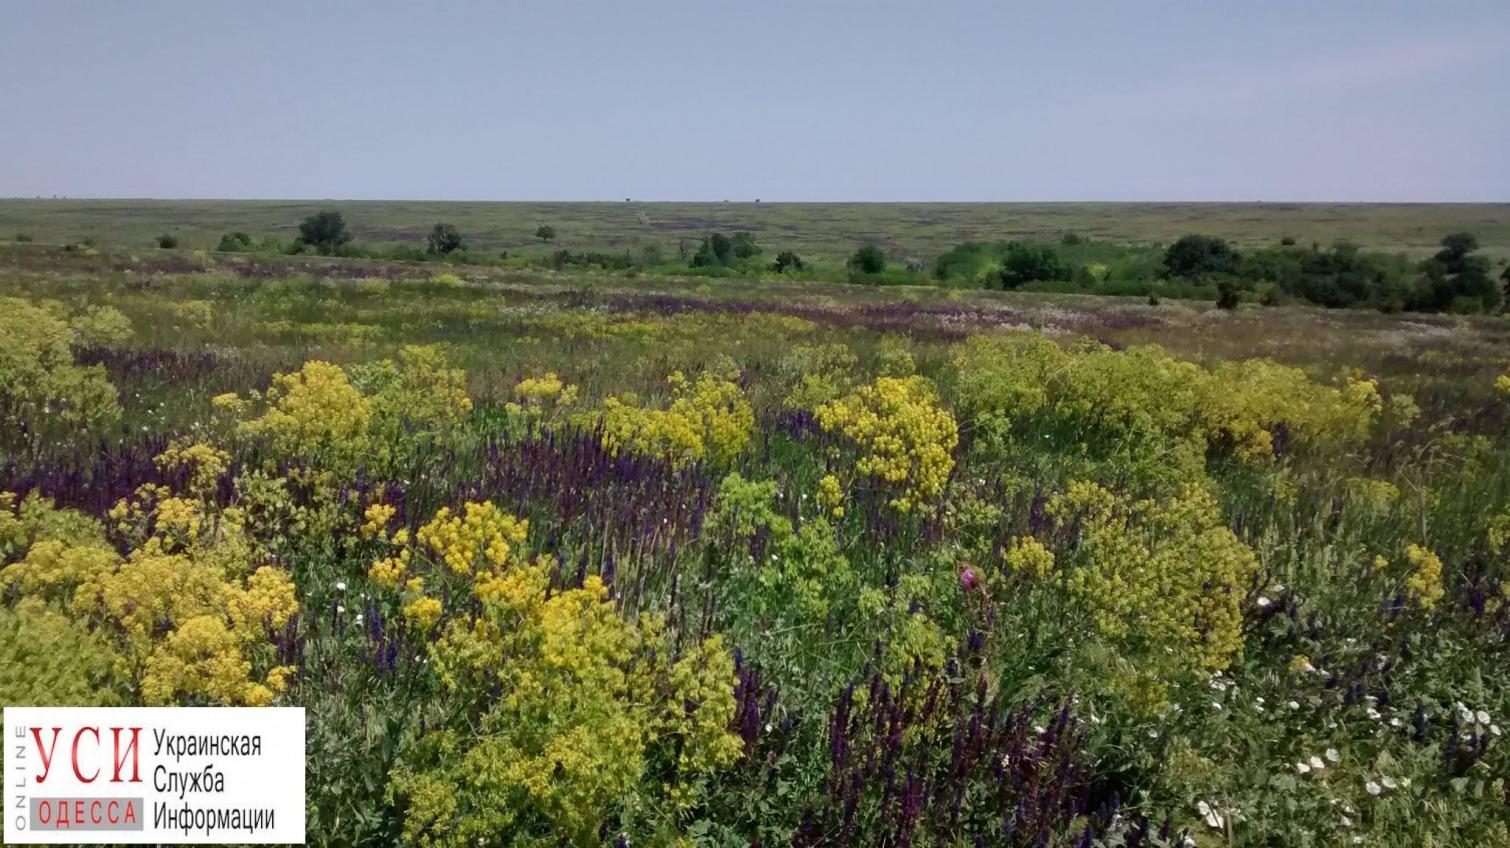 Одесский эколог Русев выступил против идеи создать заказник на территории Тарутинской степи «фото»